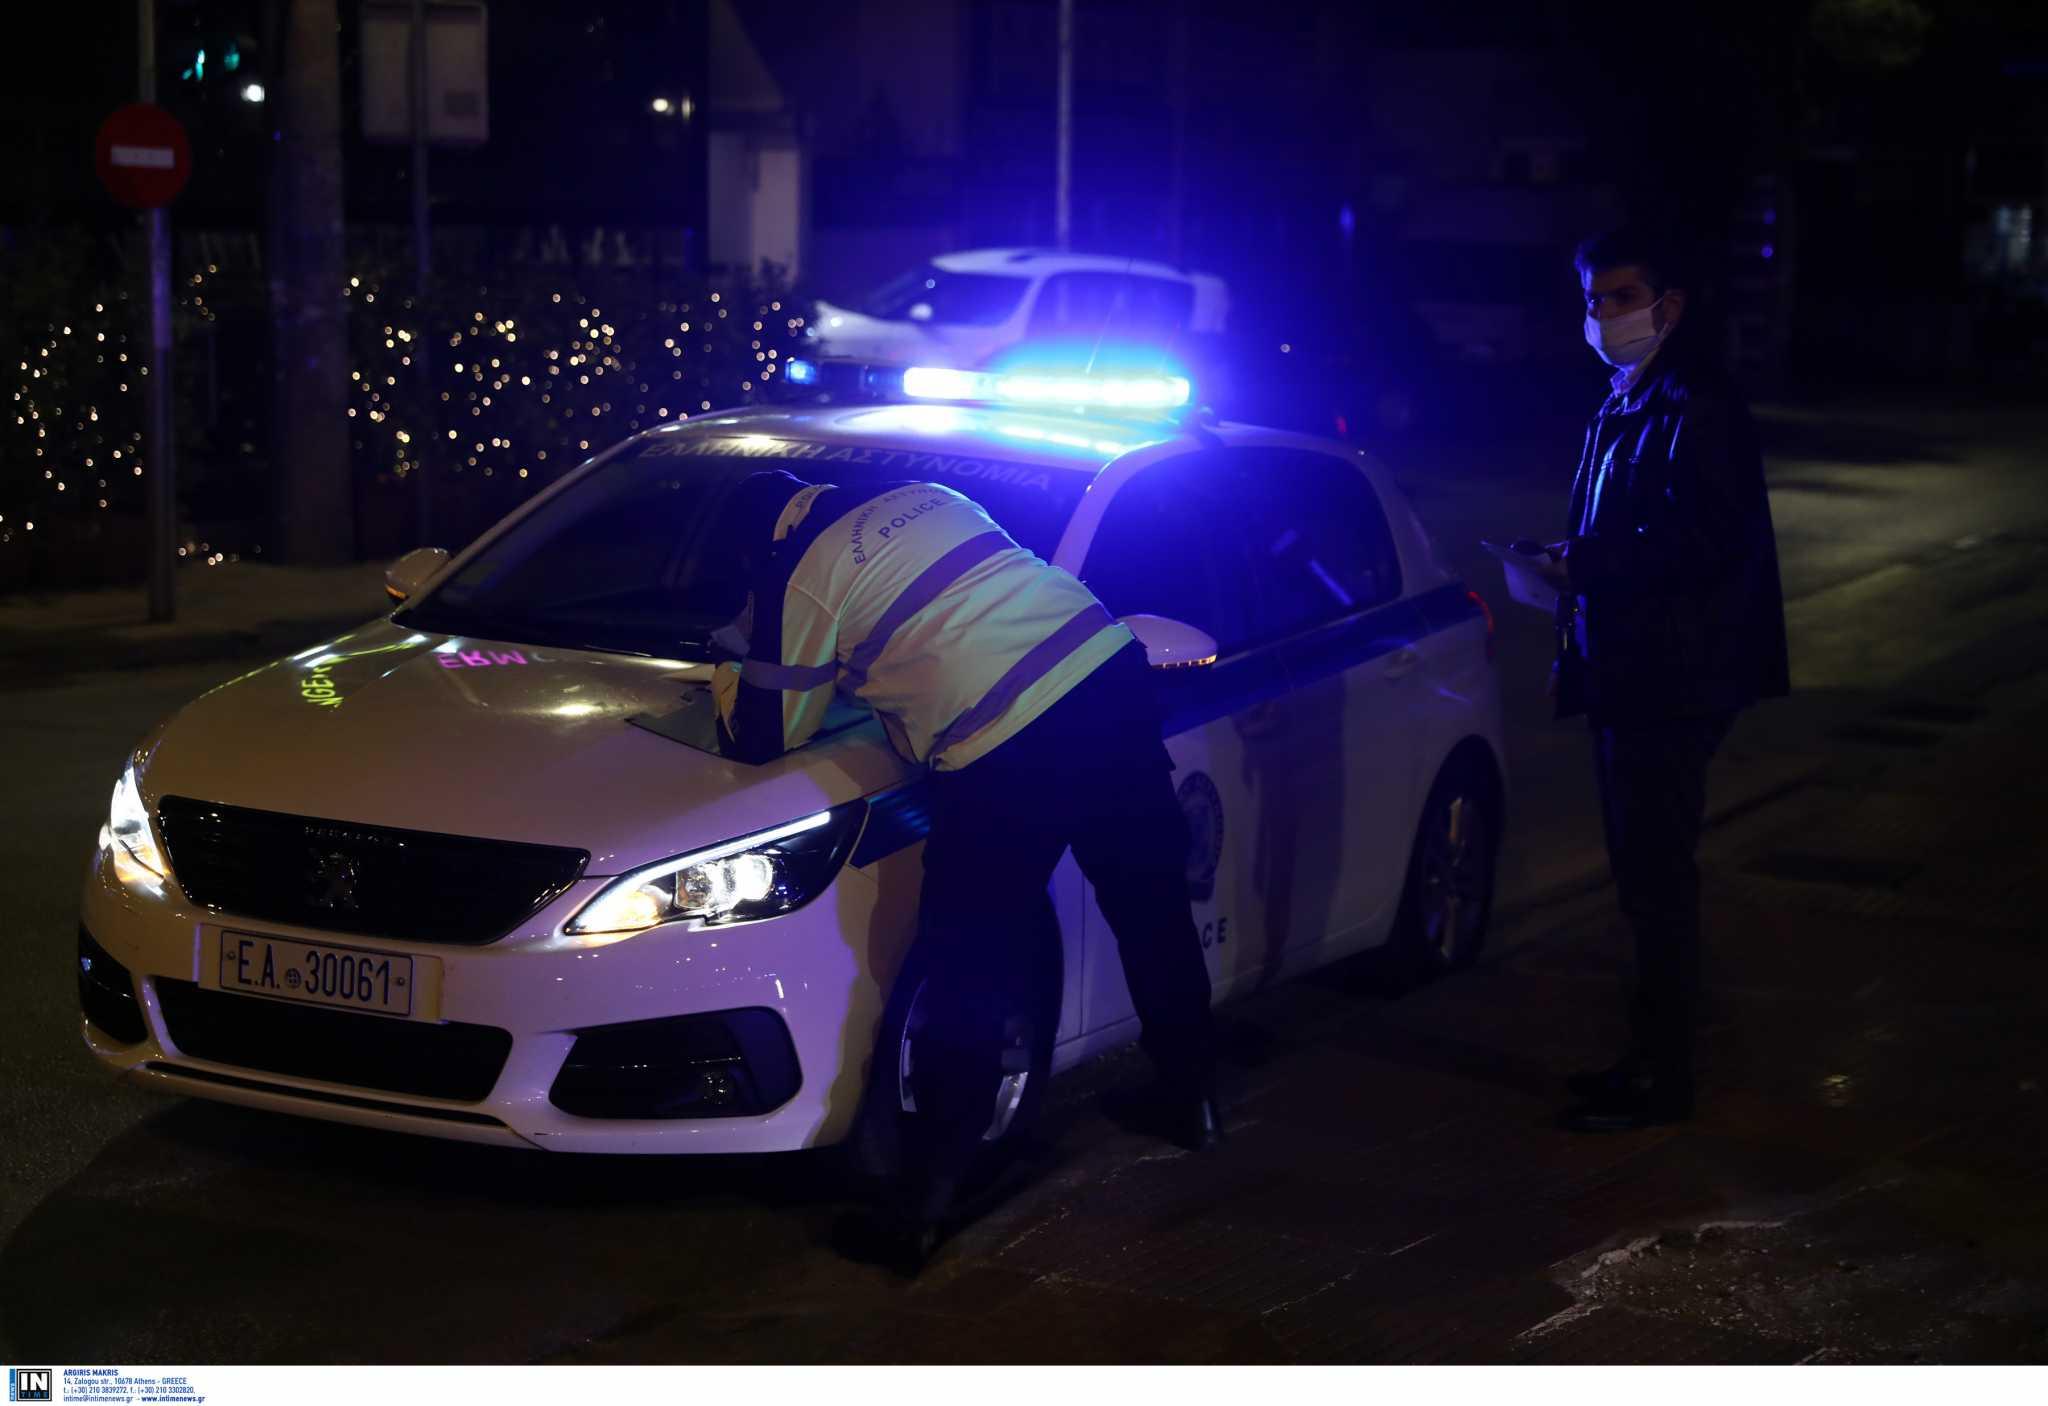 Θανατηφόρο τροχαίο στη Θεσσαλονίκη: 40χρονος έπεσε σε δέντρο